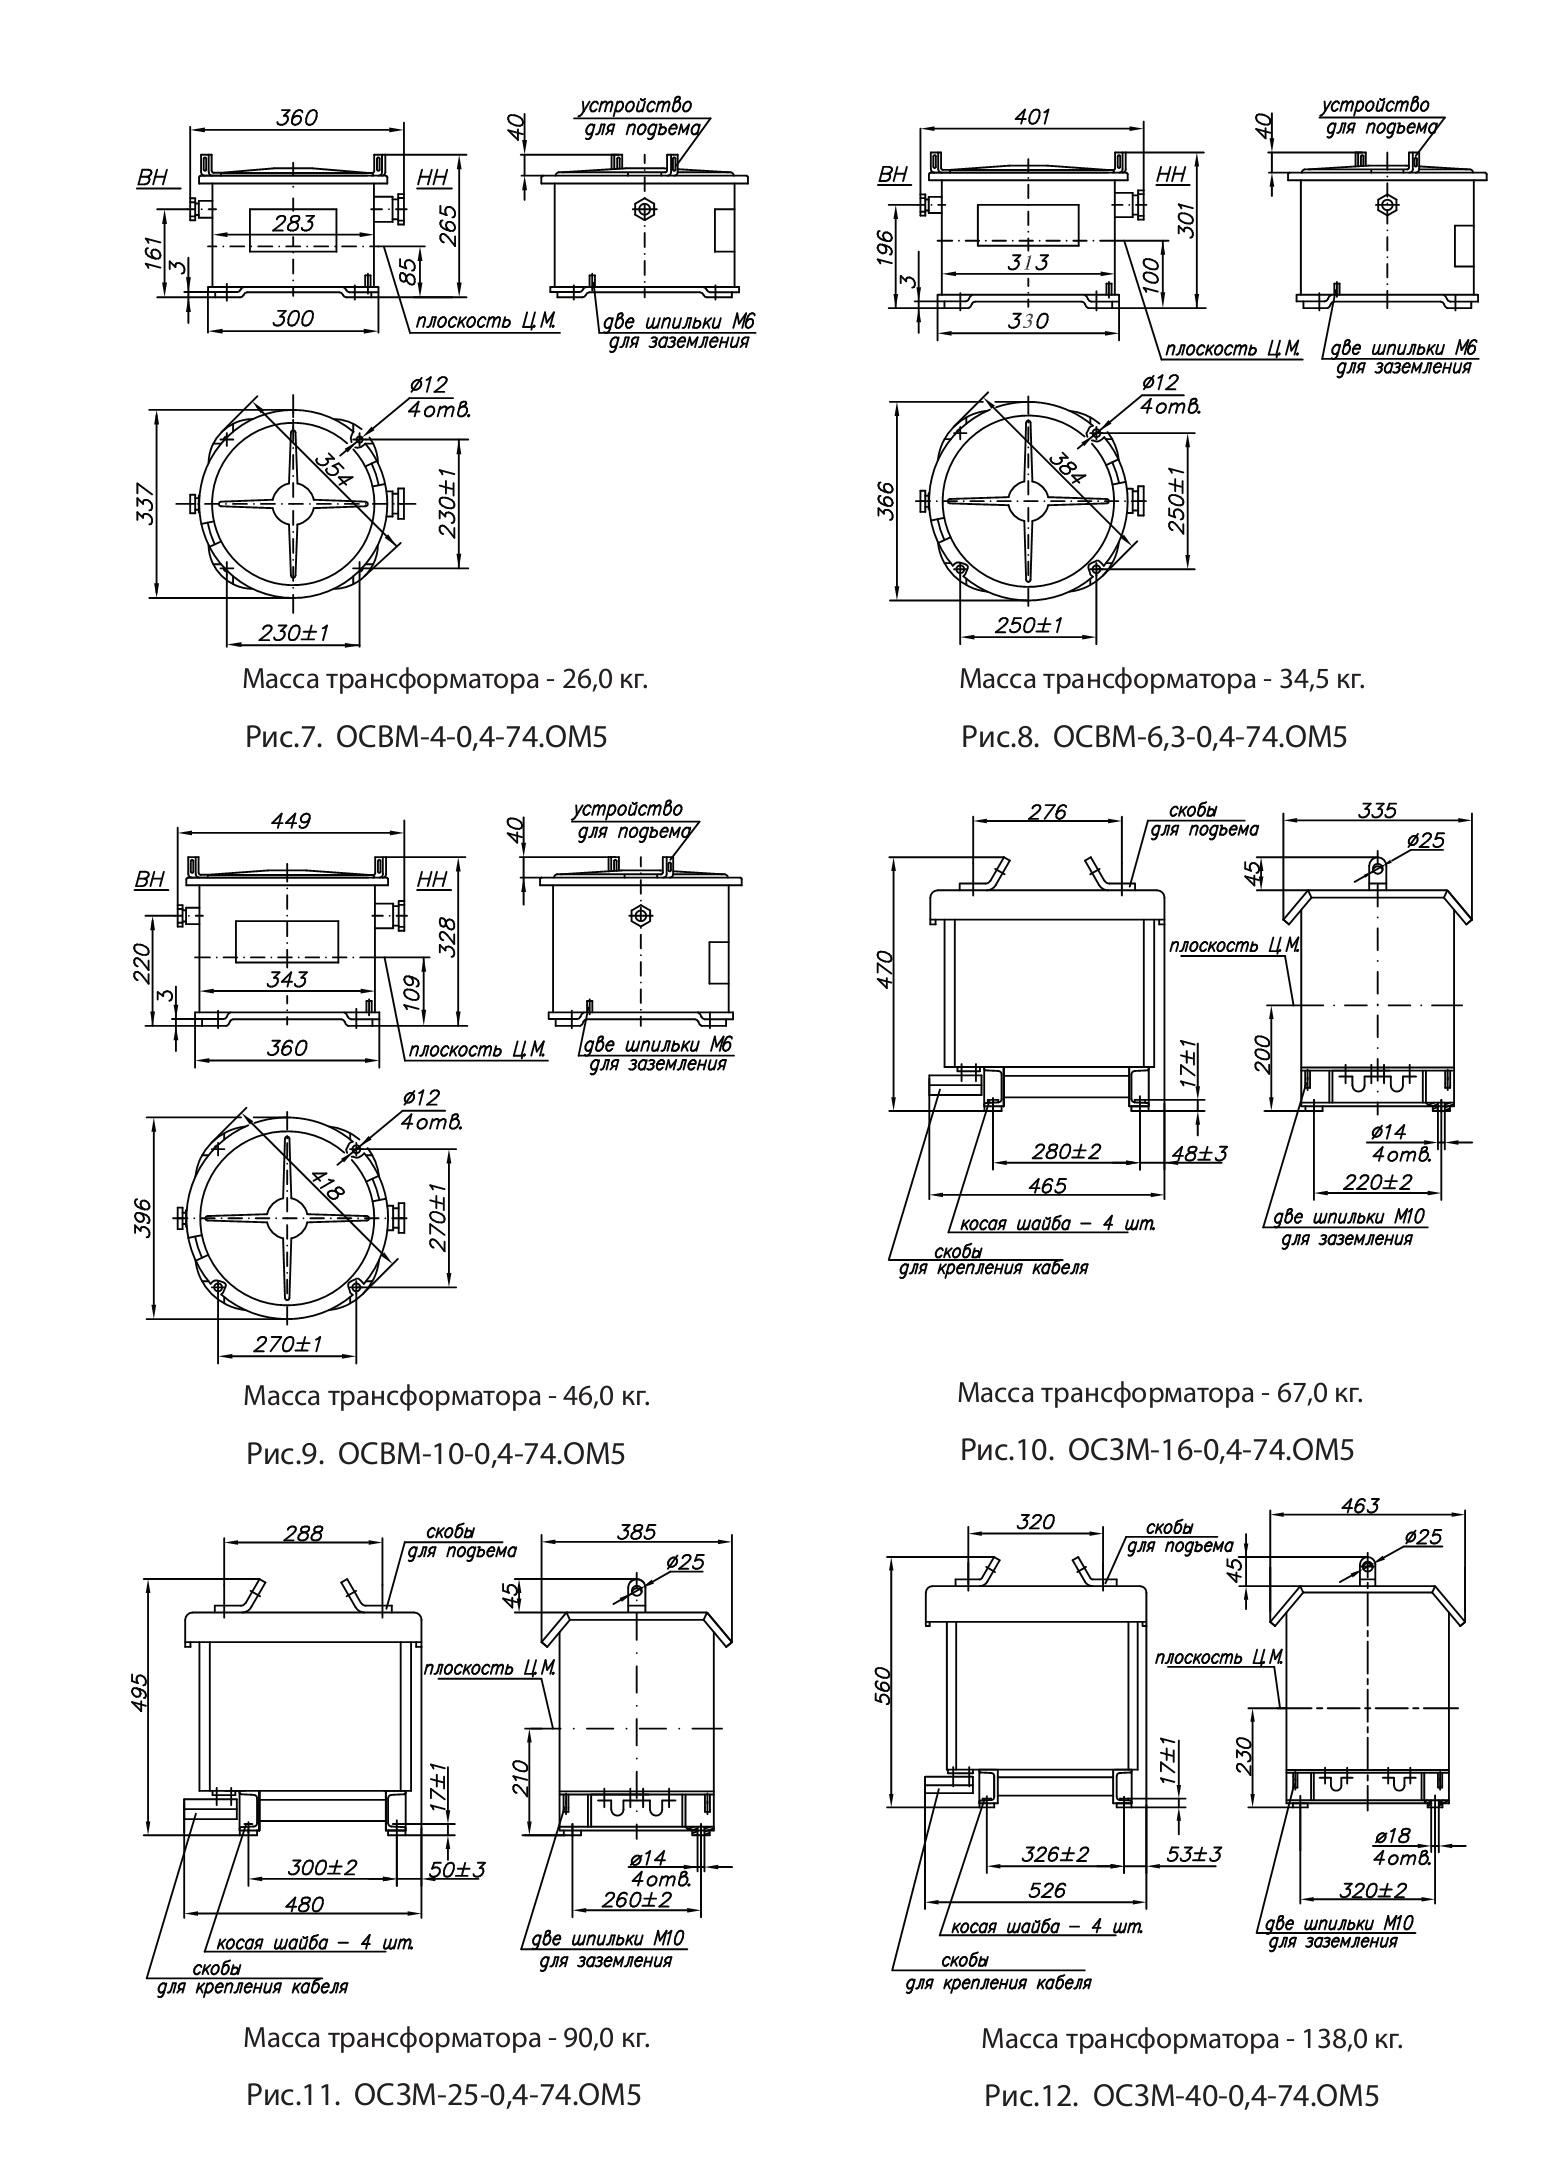 Однофазные сухие трансформаторы серии ОСВМ и ОСЗМ